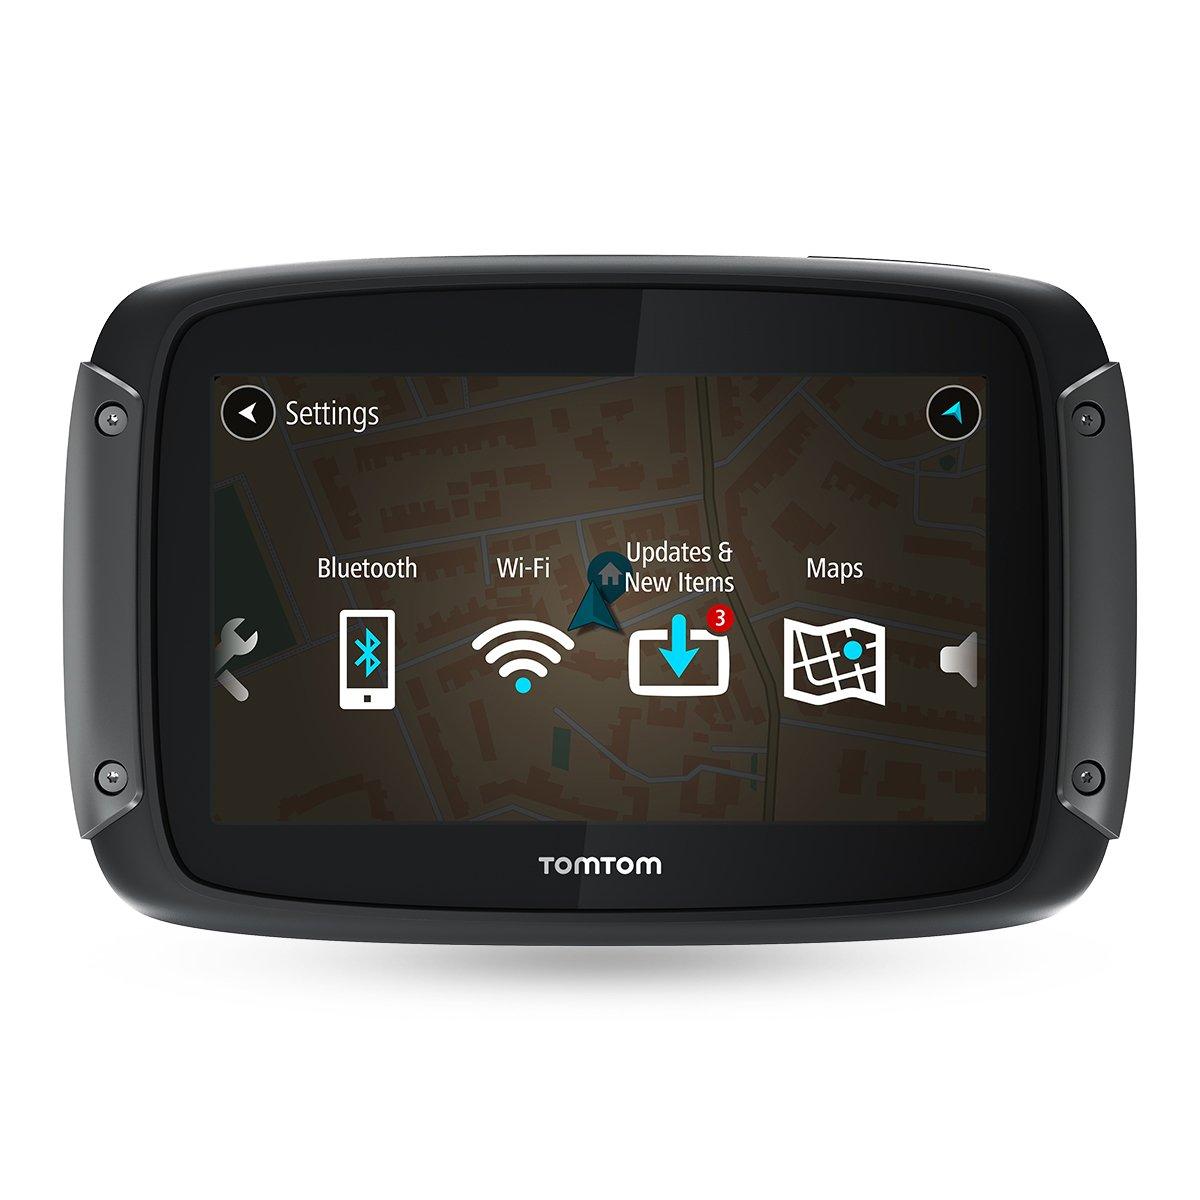 TomTom Classica Custodia Rigida Percorsi Tortuosi e Collinari Dedicati alle Moto Aggiornamenti Tramite Wi-Fi Mappe dell/'Europa 49 Paesi TomTom Rider 500 Navigatore per Moto